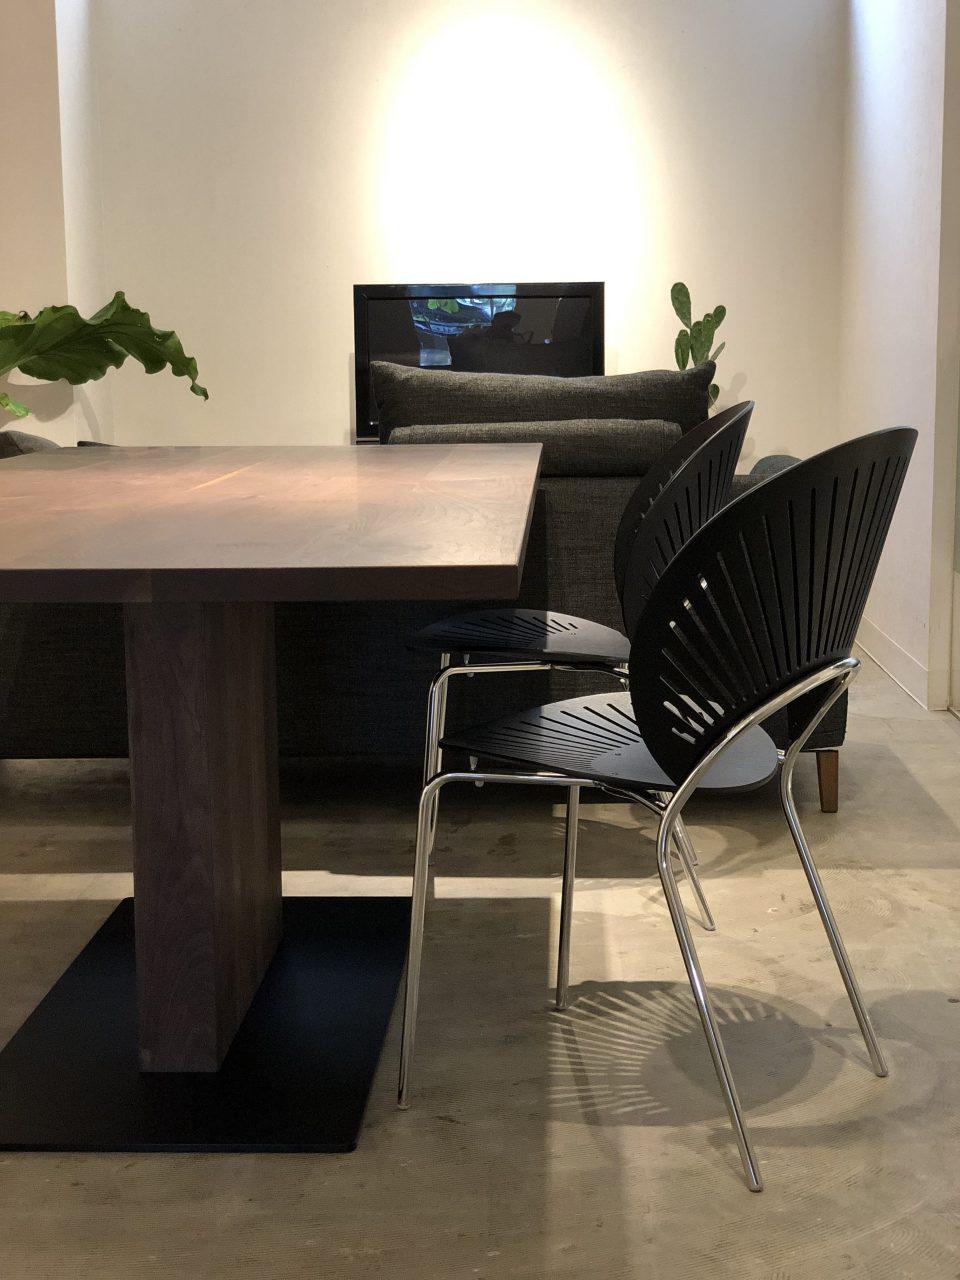 トリニダードチェアと合わせてスカンジナビアンモダンテイストにぴったりな1本脚のウォールナット無垢材のダイニングテーブルです